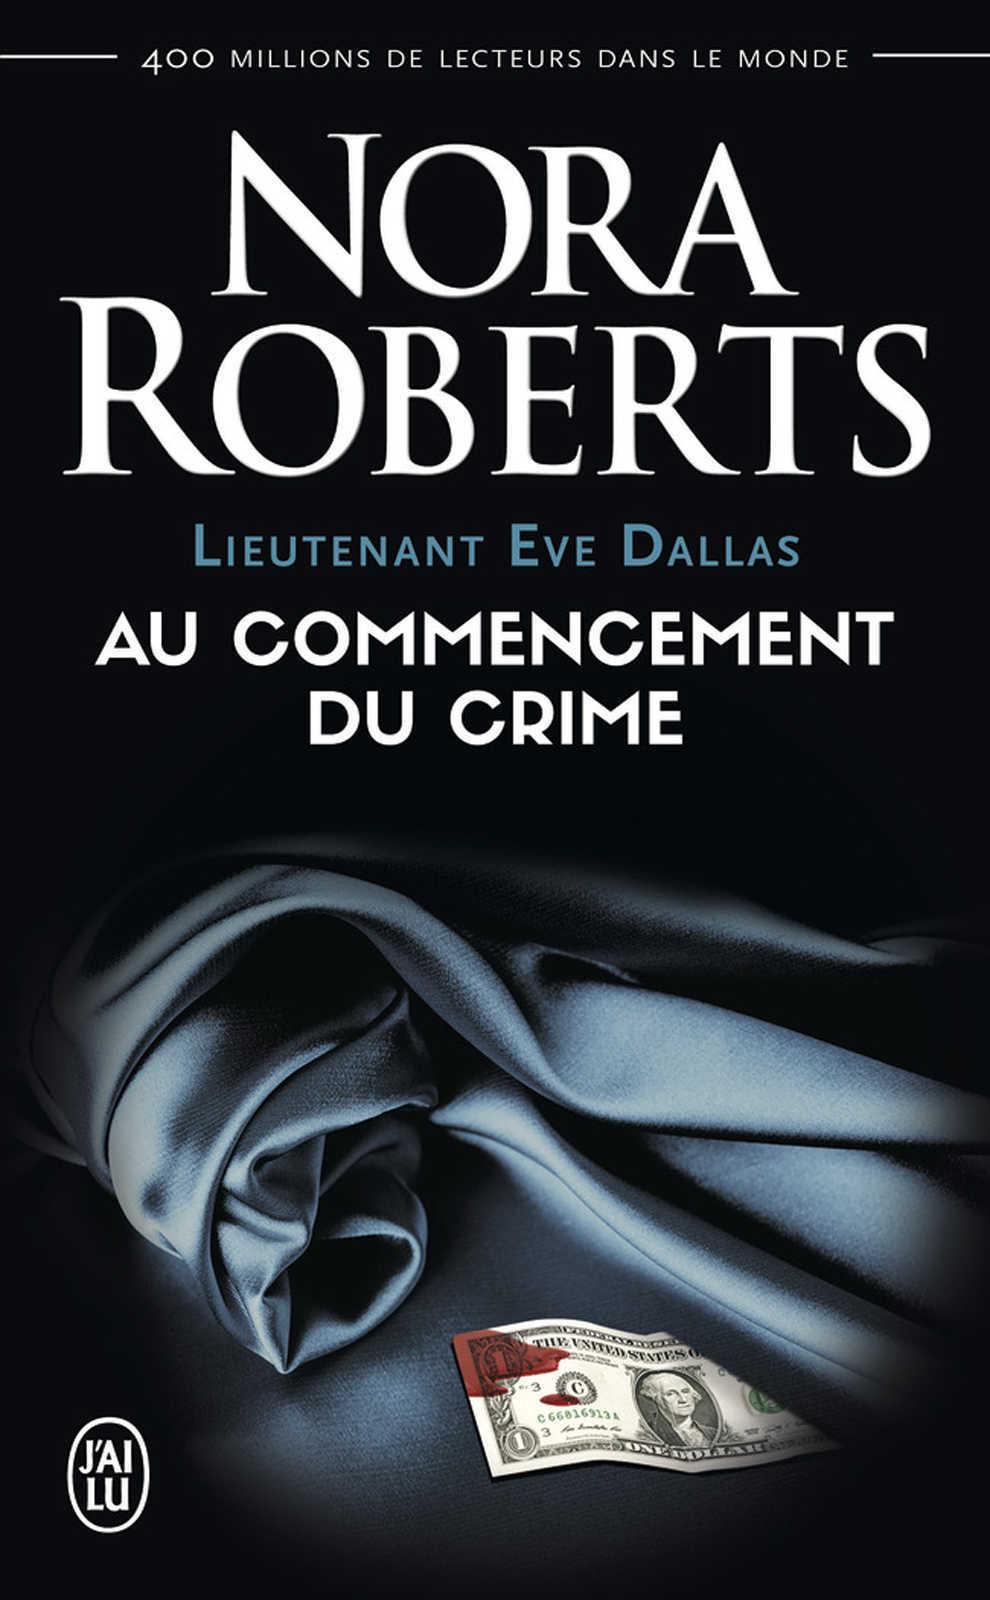 Défi lecture 2020 : Jess Lieutenant-eve-dallas-tome-1-au-commencement-du-crime-1030470